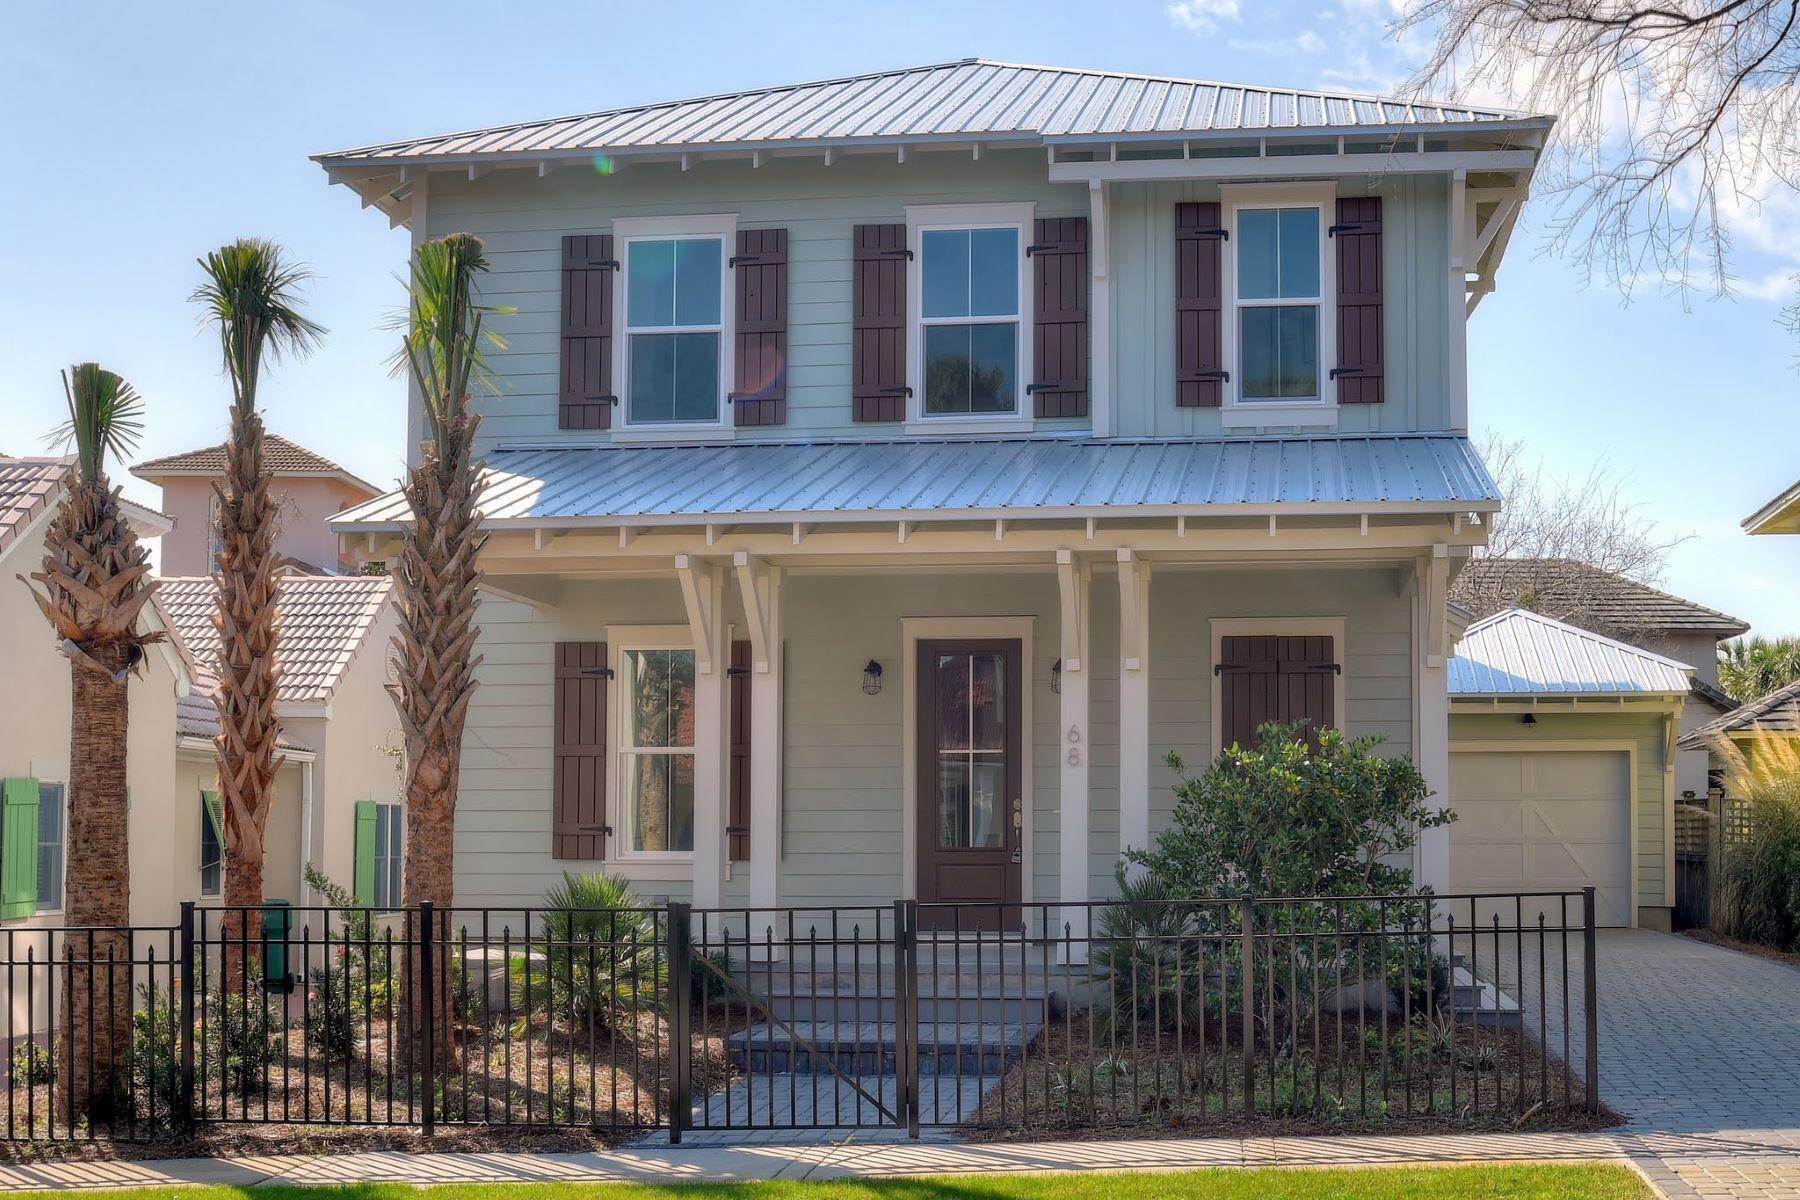 Tek Ailelik Ev için Satış at NEWLY COMPLETED COASTAL CONSTRUCTION IN GATED BEACH-FRONT NEIGHBORHOOD 68 Rue Caribe Miramar Beach, Florida, 32550 Amerika Birleşik Devletleri